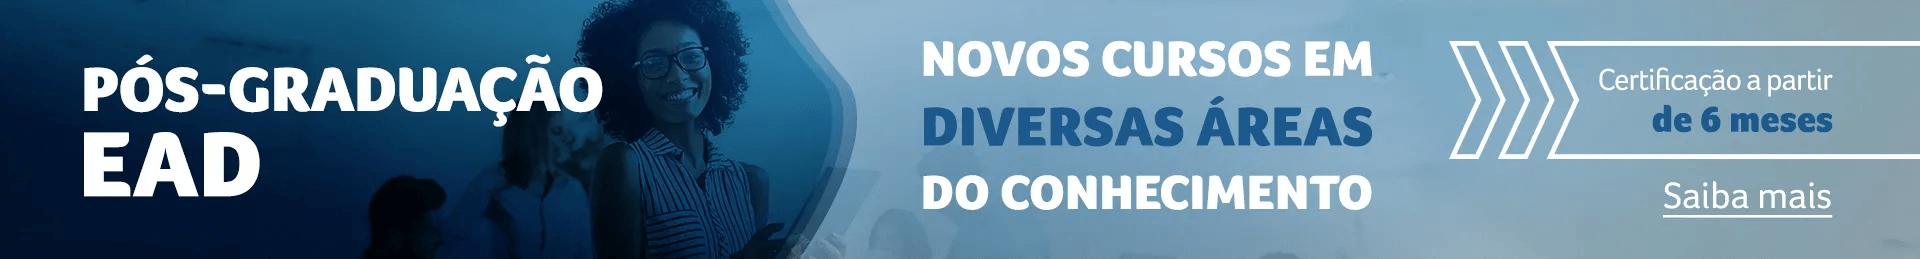 NovosCursos